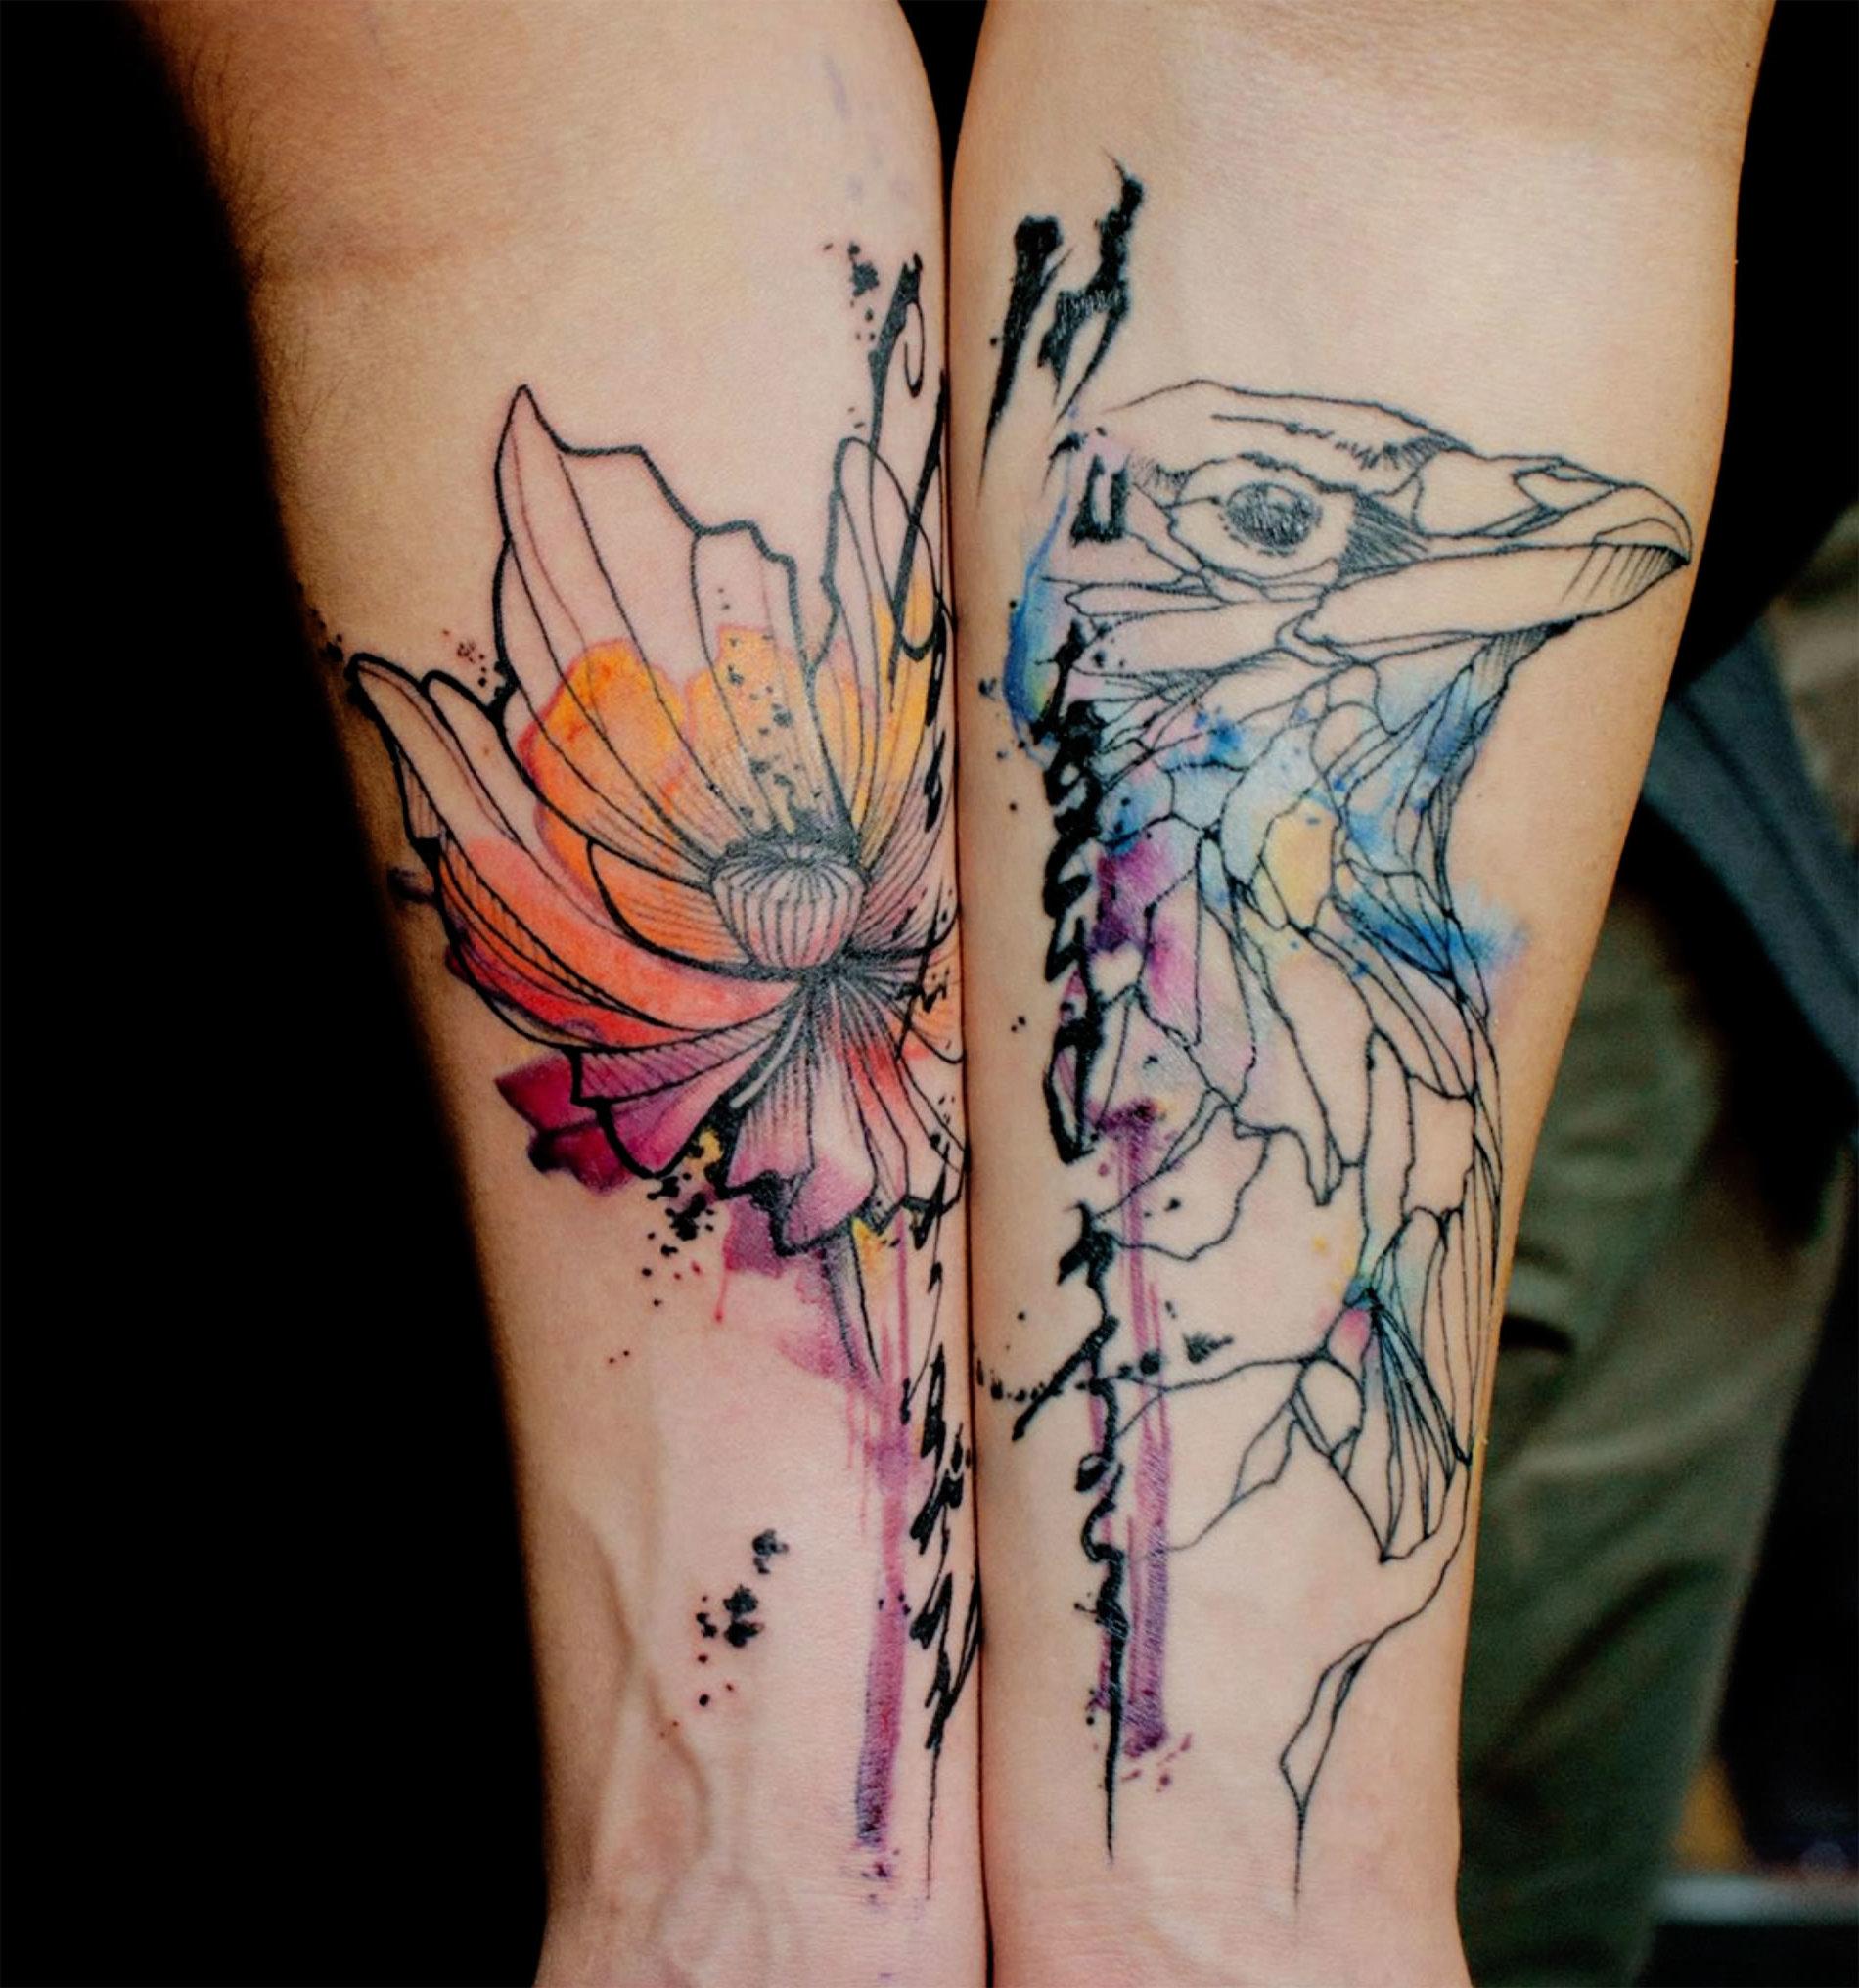 Watercolor Tattoo - es wird bunt auf der Haut!